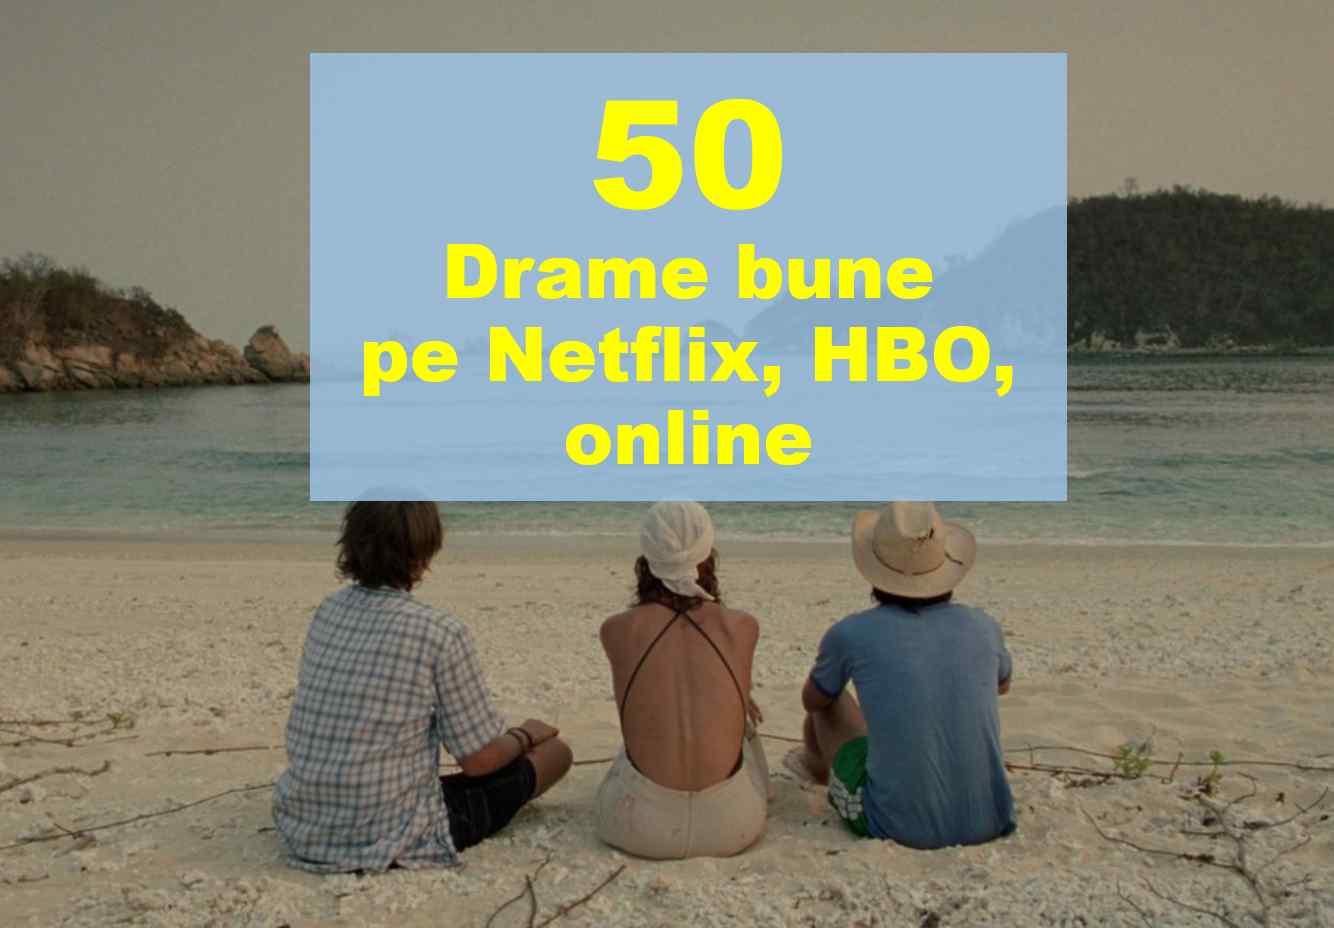 Urmăriți filmul online din vedere